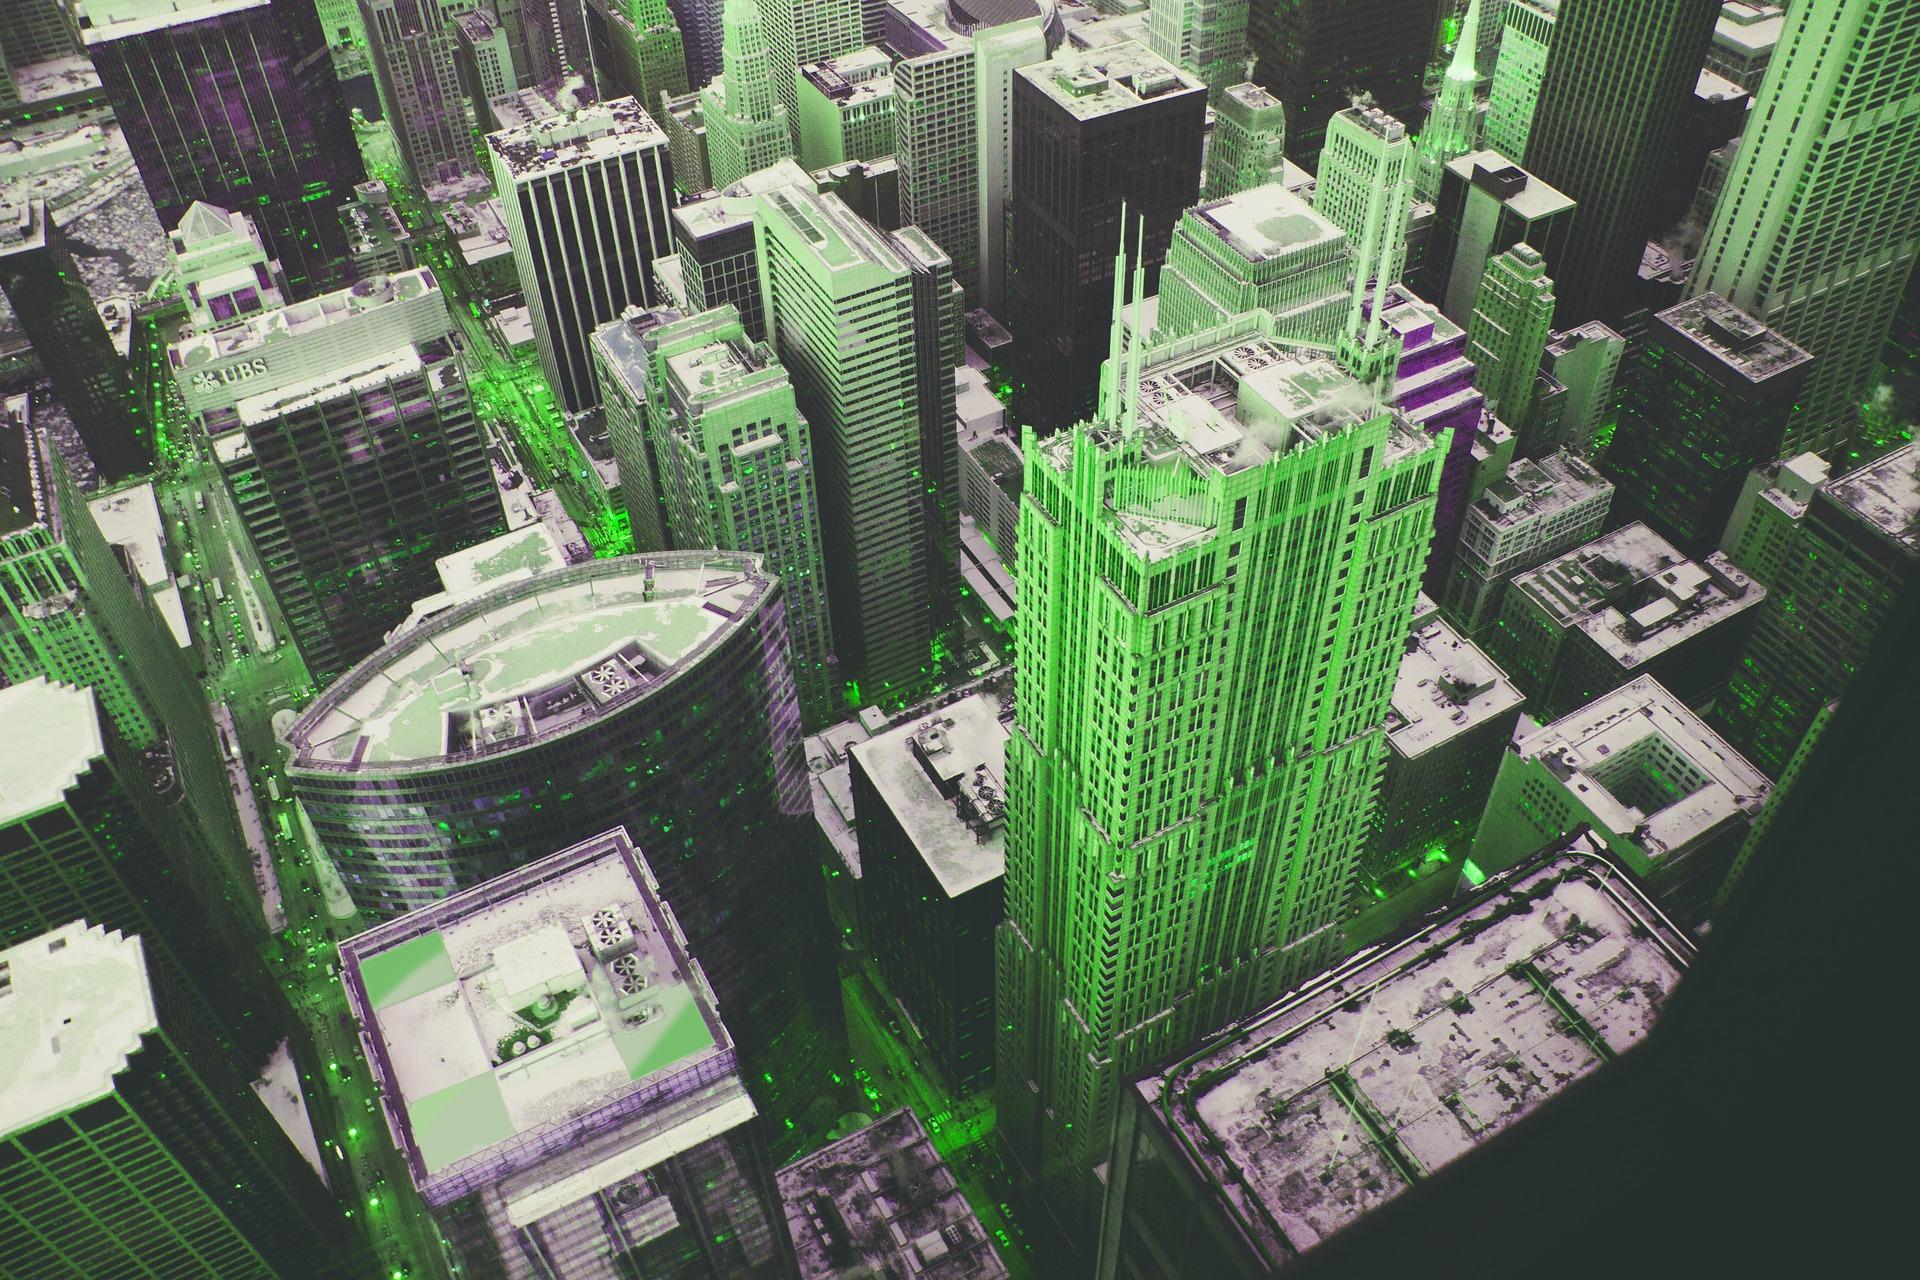 الخرسانة الخضراء: تطبيقاتها، مزاياها وعيوبها